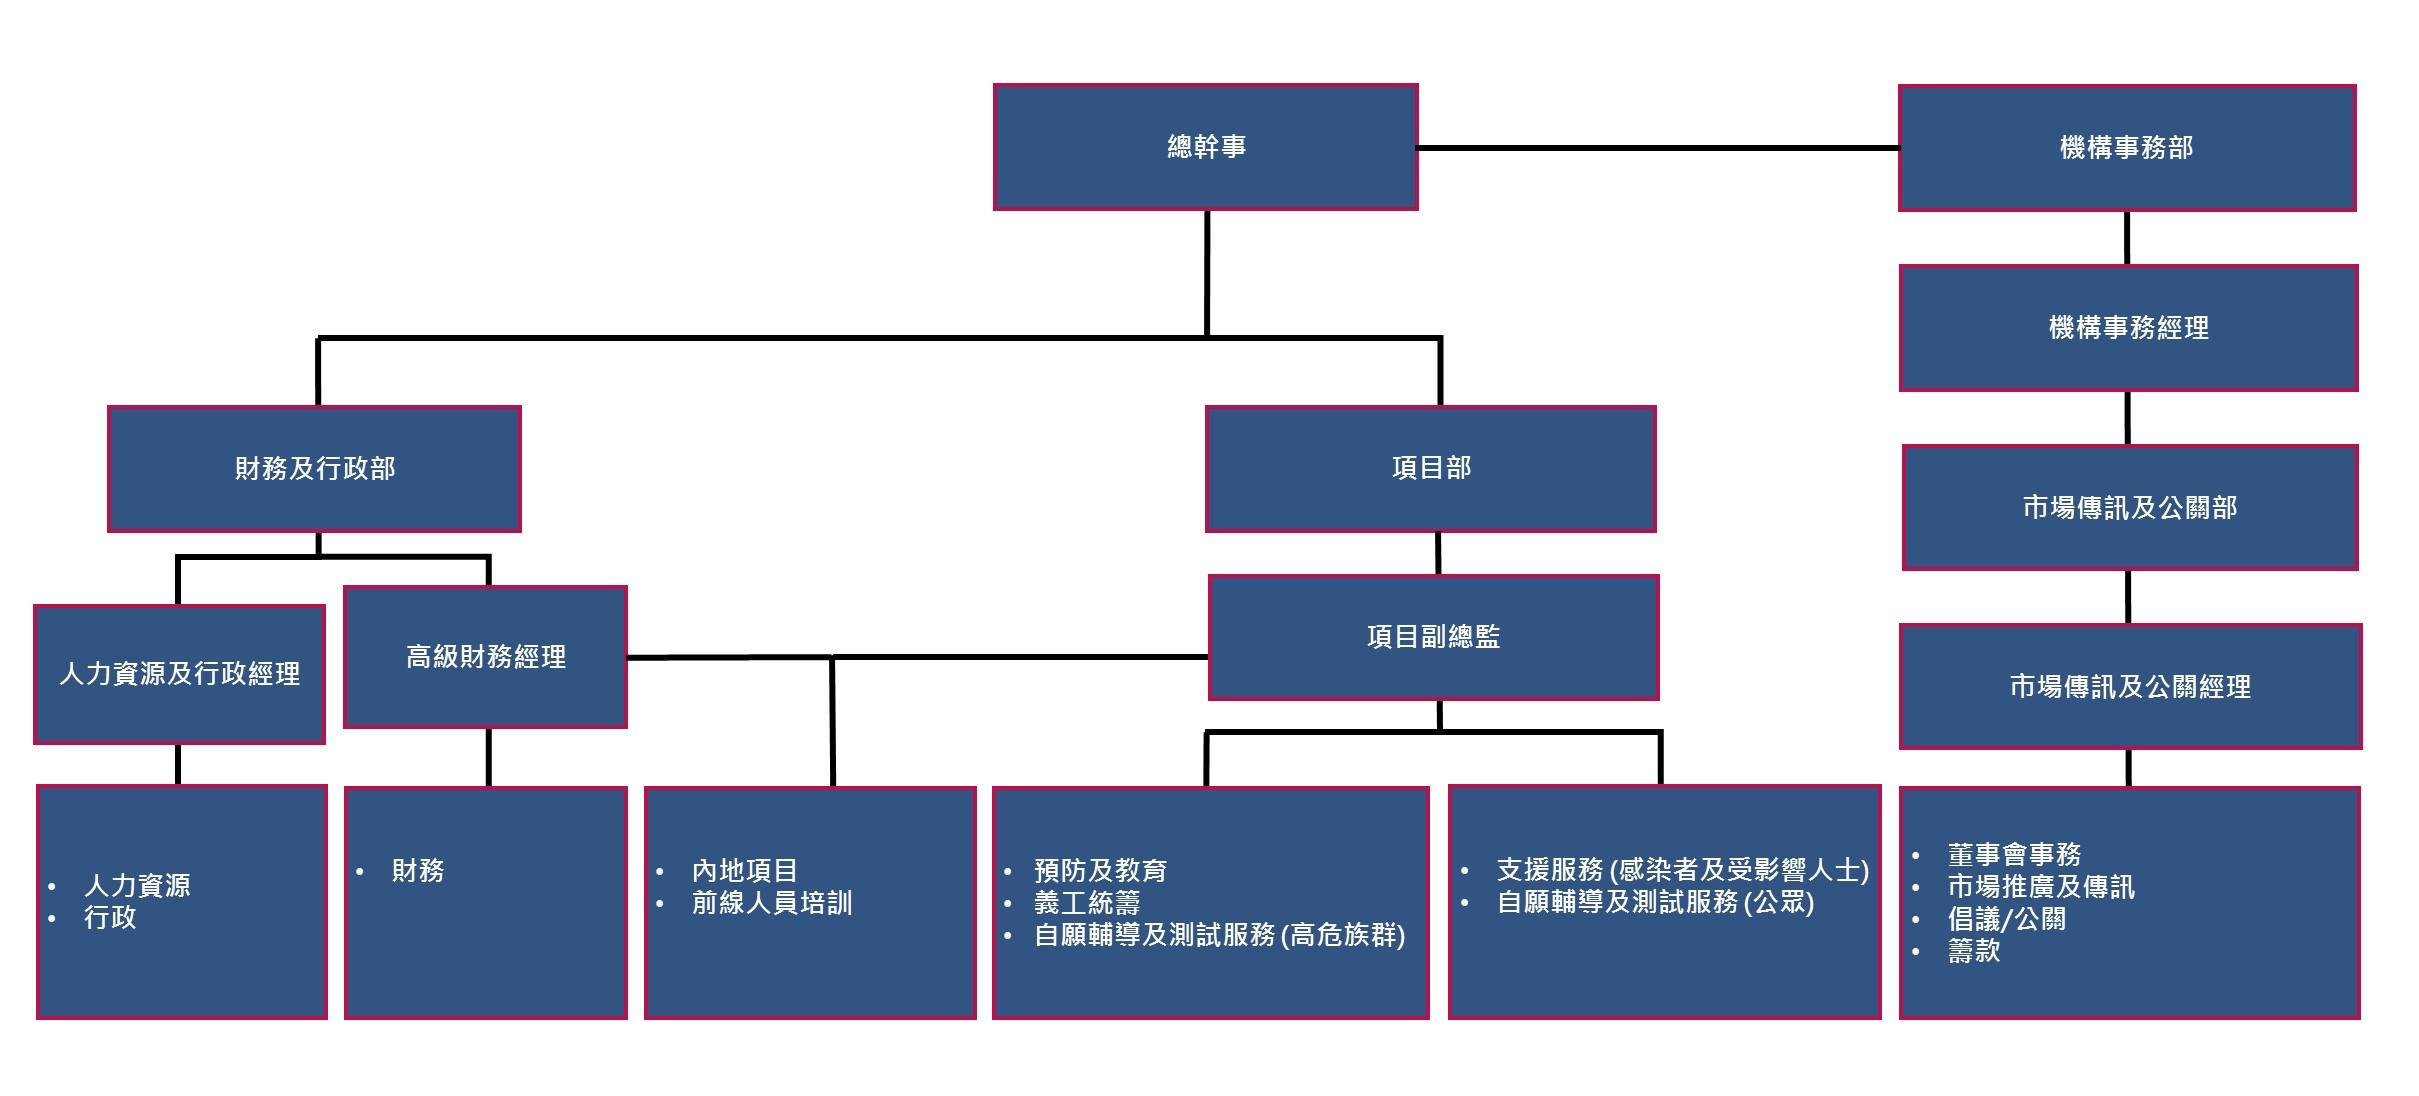 Chi chart 4